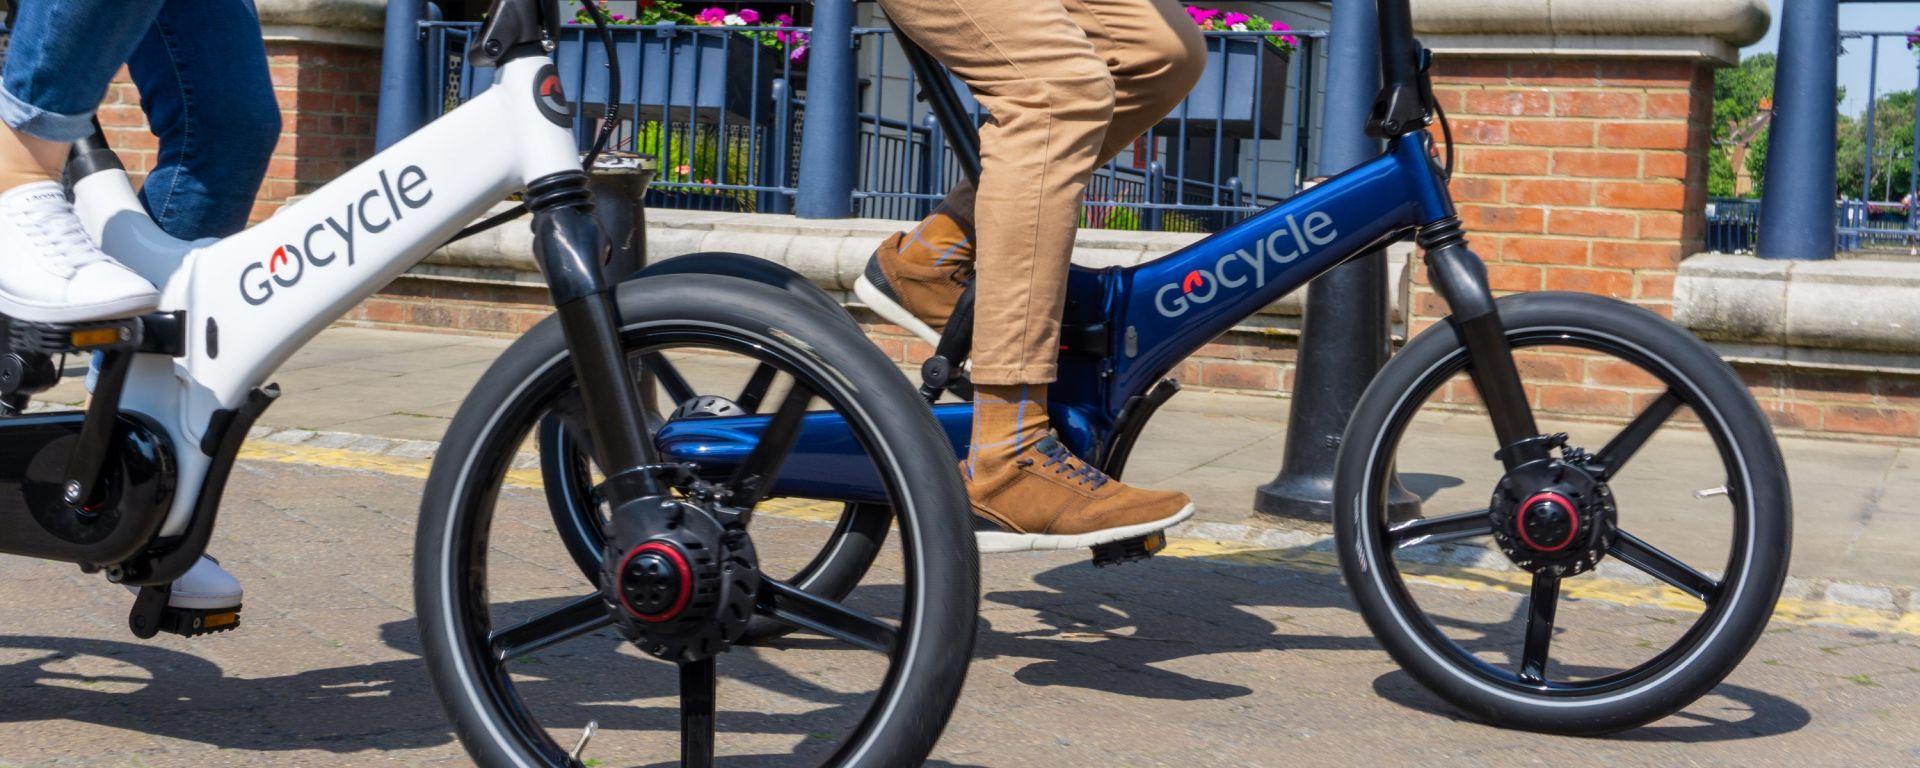 Gocycle GX 2020: il nuovo modello